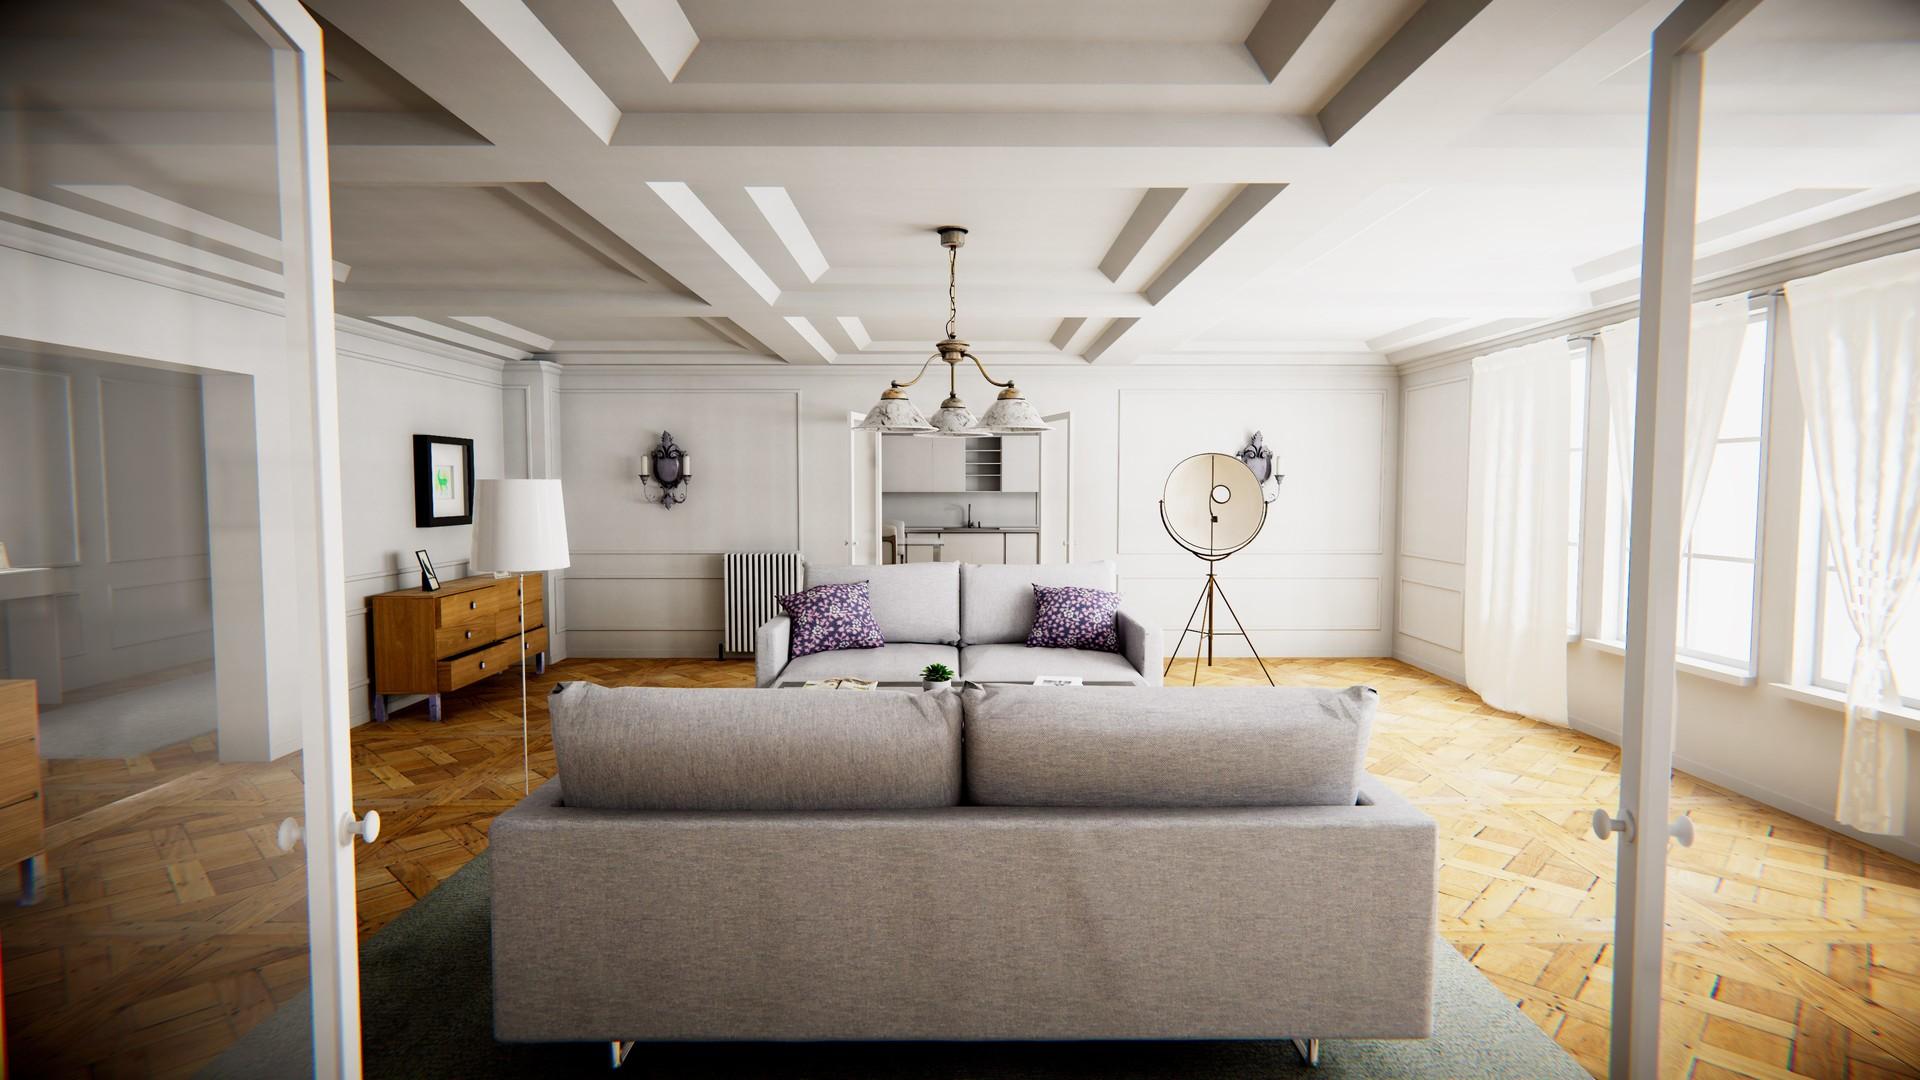 Yasuka taira hq modular modern interior 2018 12 27 18 51 41